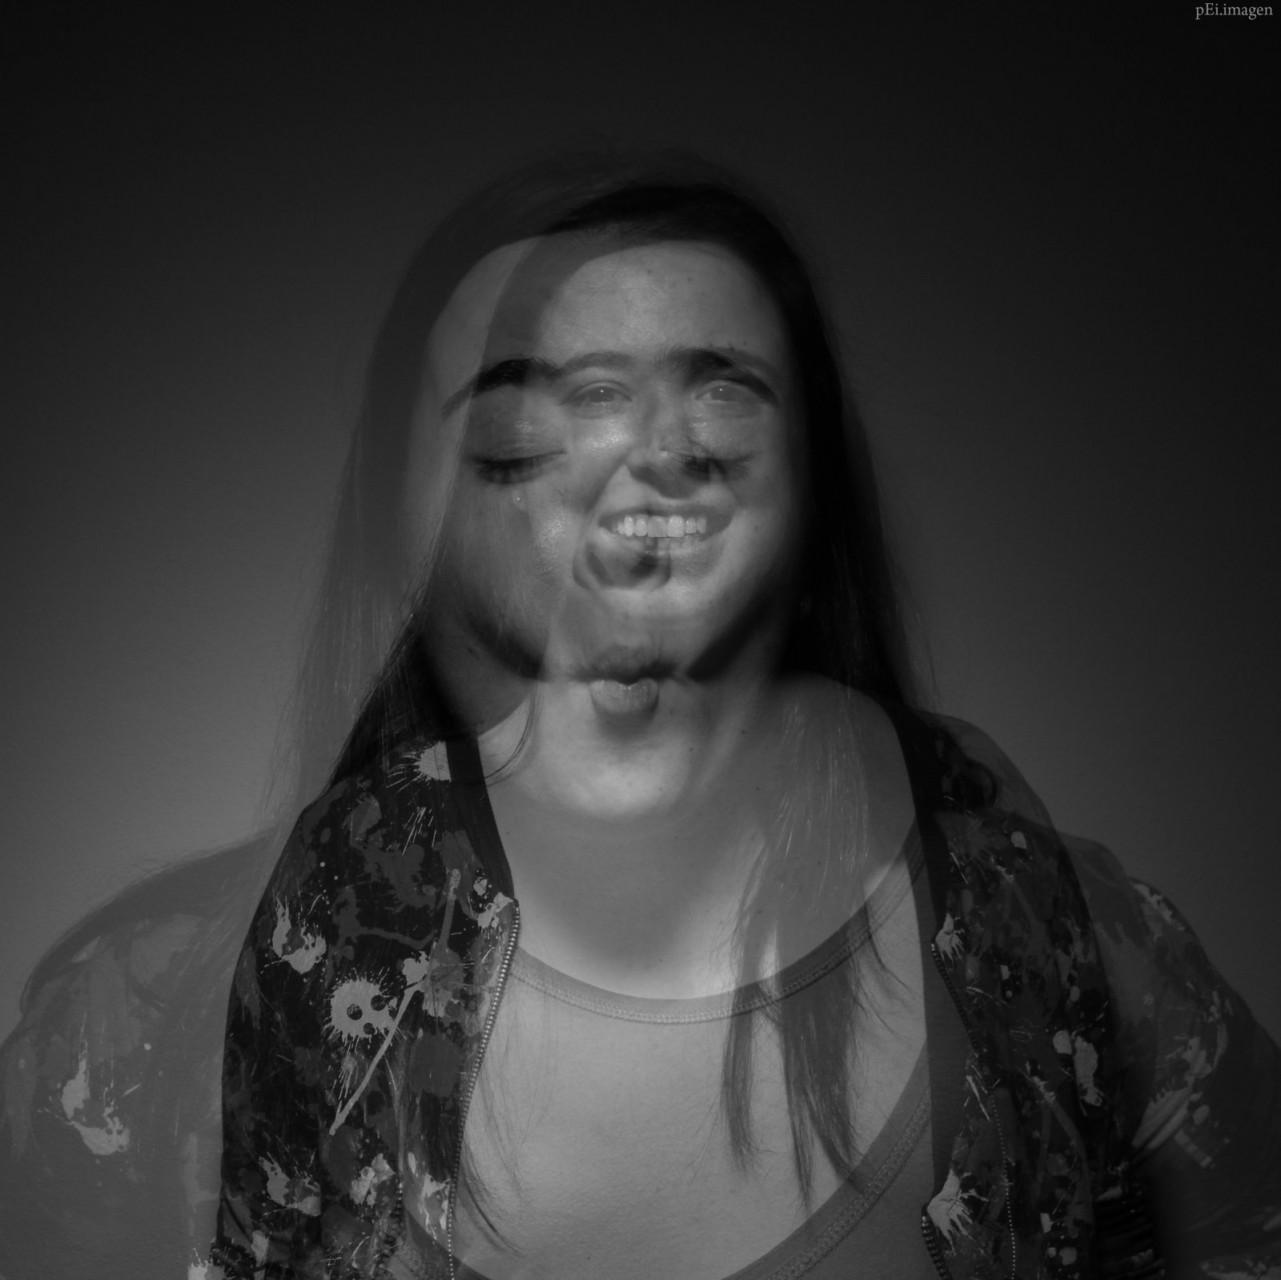 peipegata me myself I proyectos fotografia peipegatafotografia # 033 Isabel Pamo